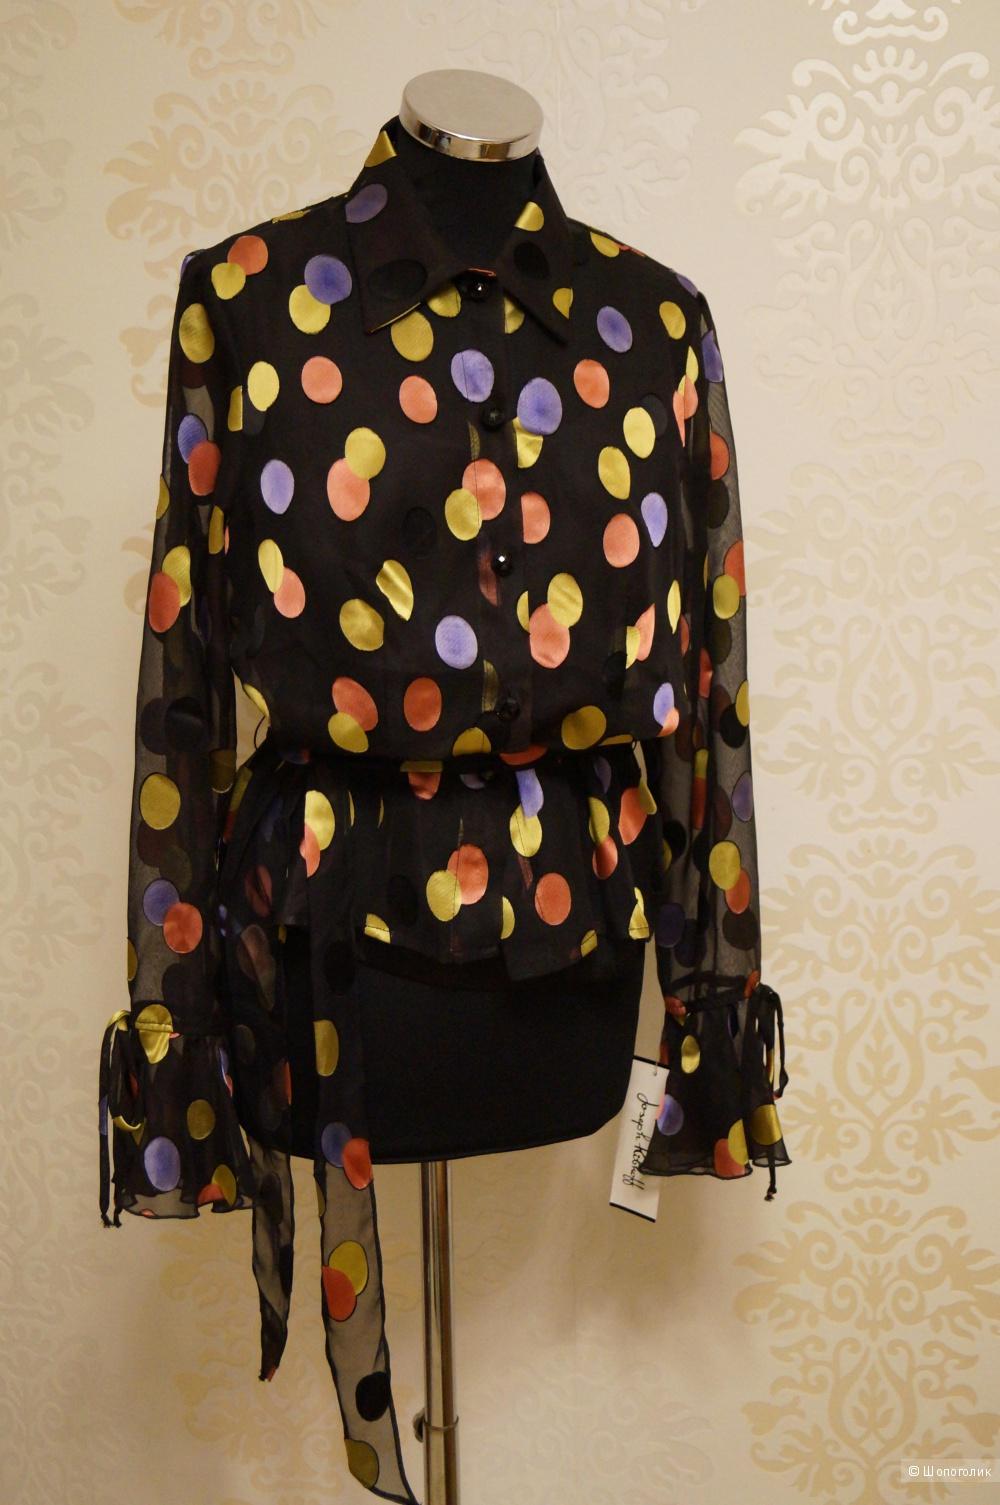 Новая дизайнерская блузка двойка плюс черный шелковый топ.Распродажа в связи закрытием салона .